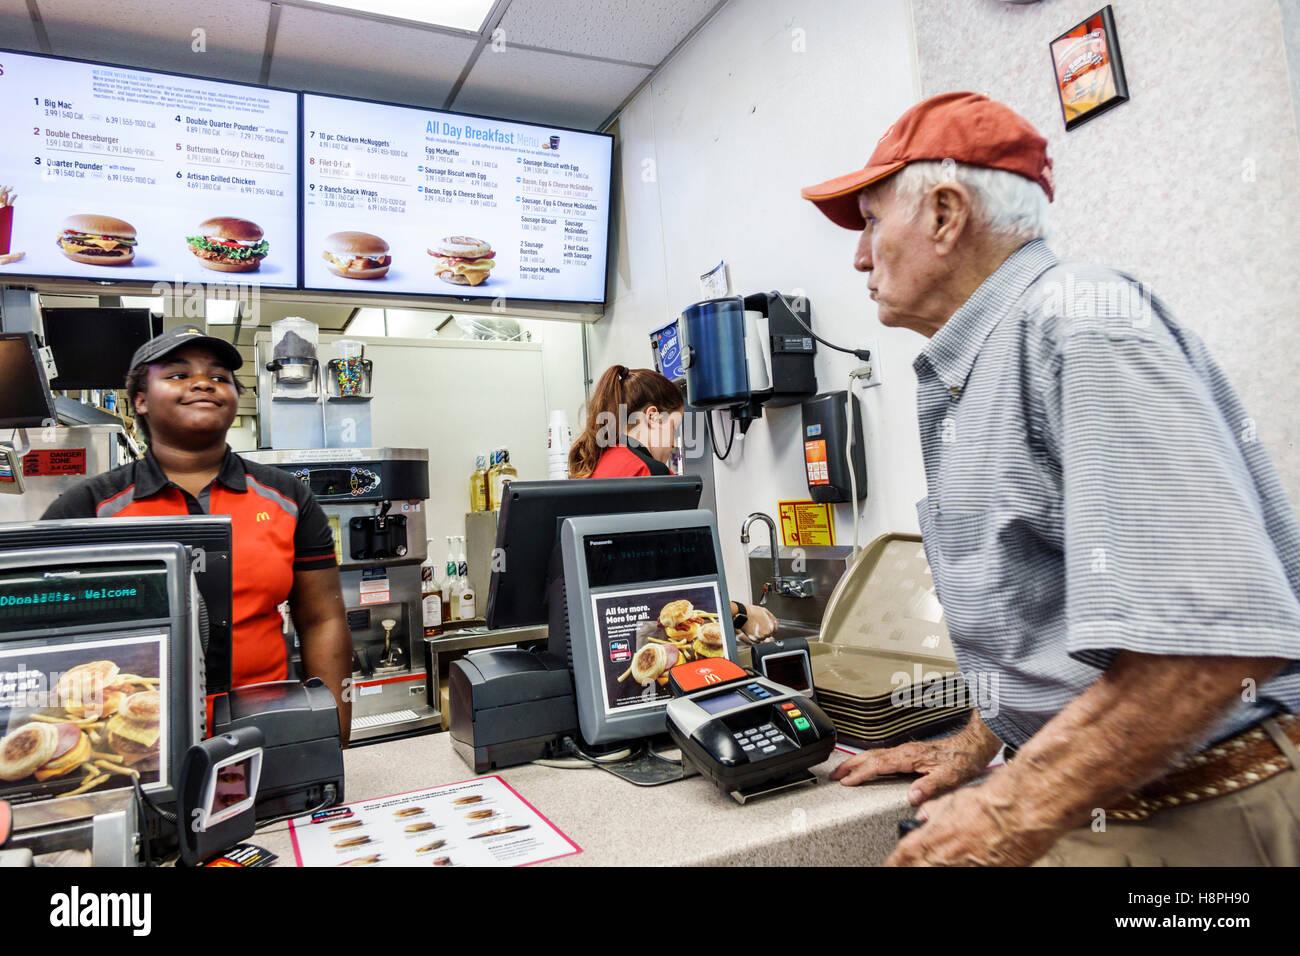 Vero Beach Florida restaurante McDonald's comida rápida contador interior negro cajero jovencita empleado Imagen De Stock